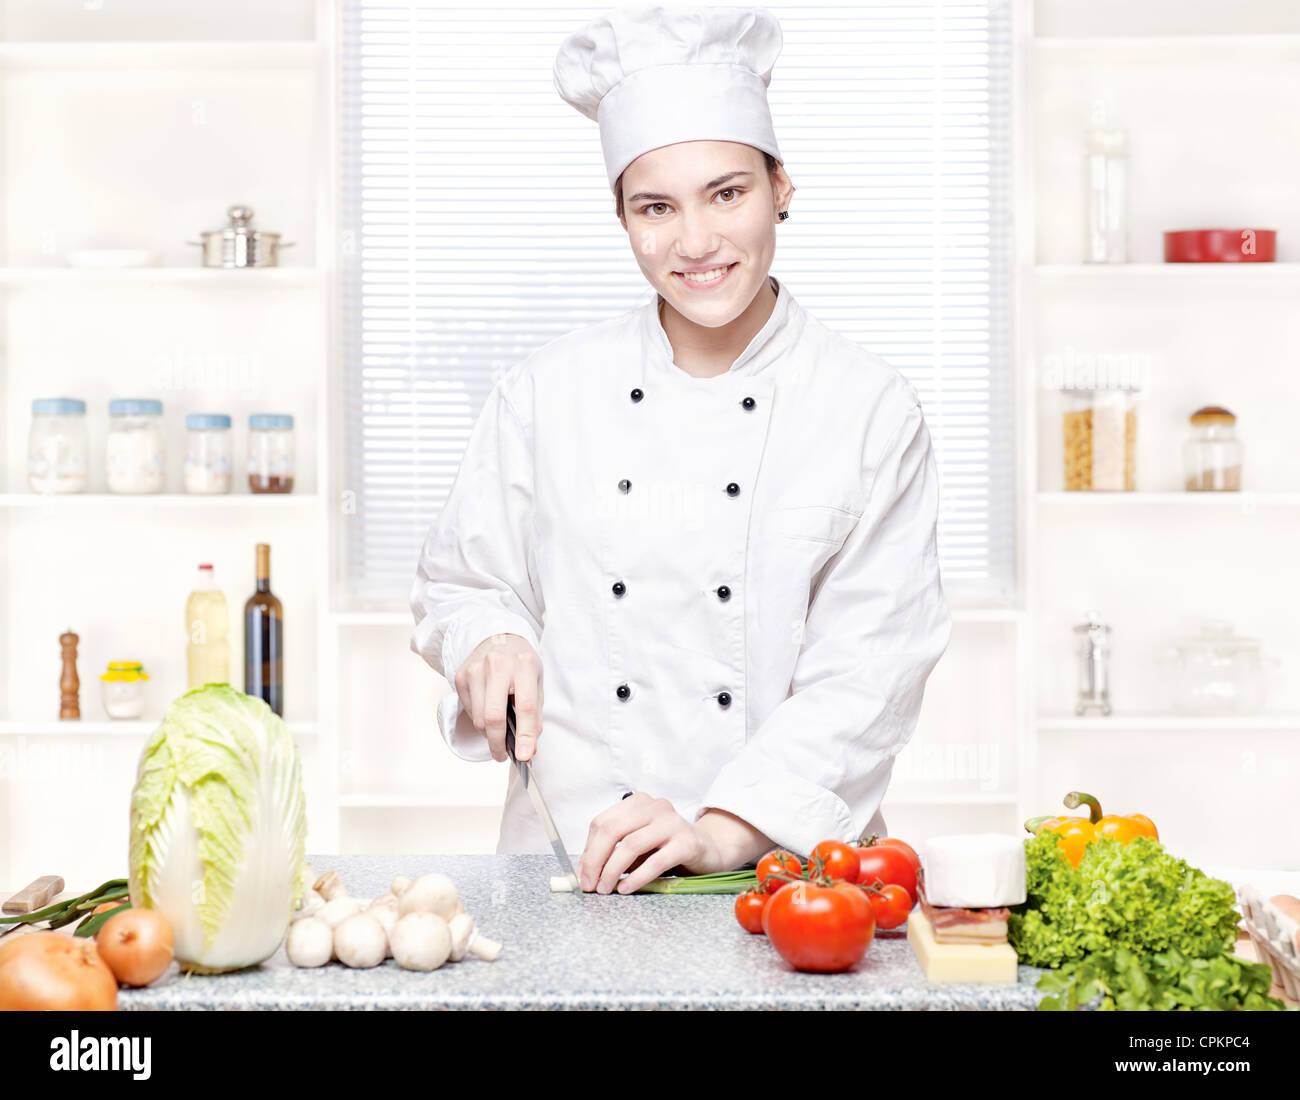 Jeune femme chef de cuisine à l'oignon coupe Photo Stock